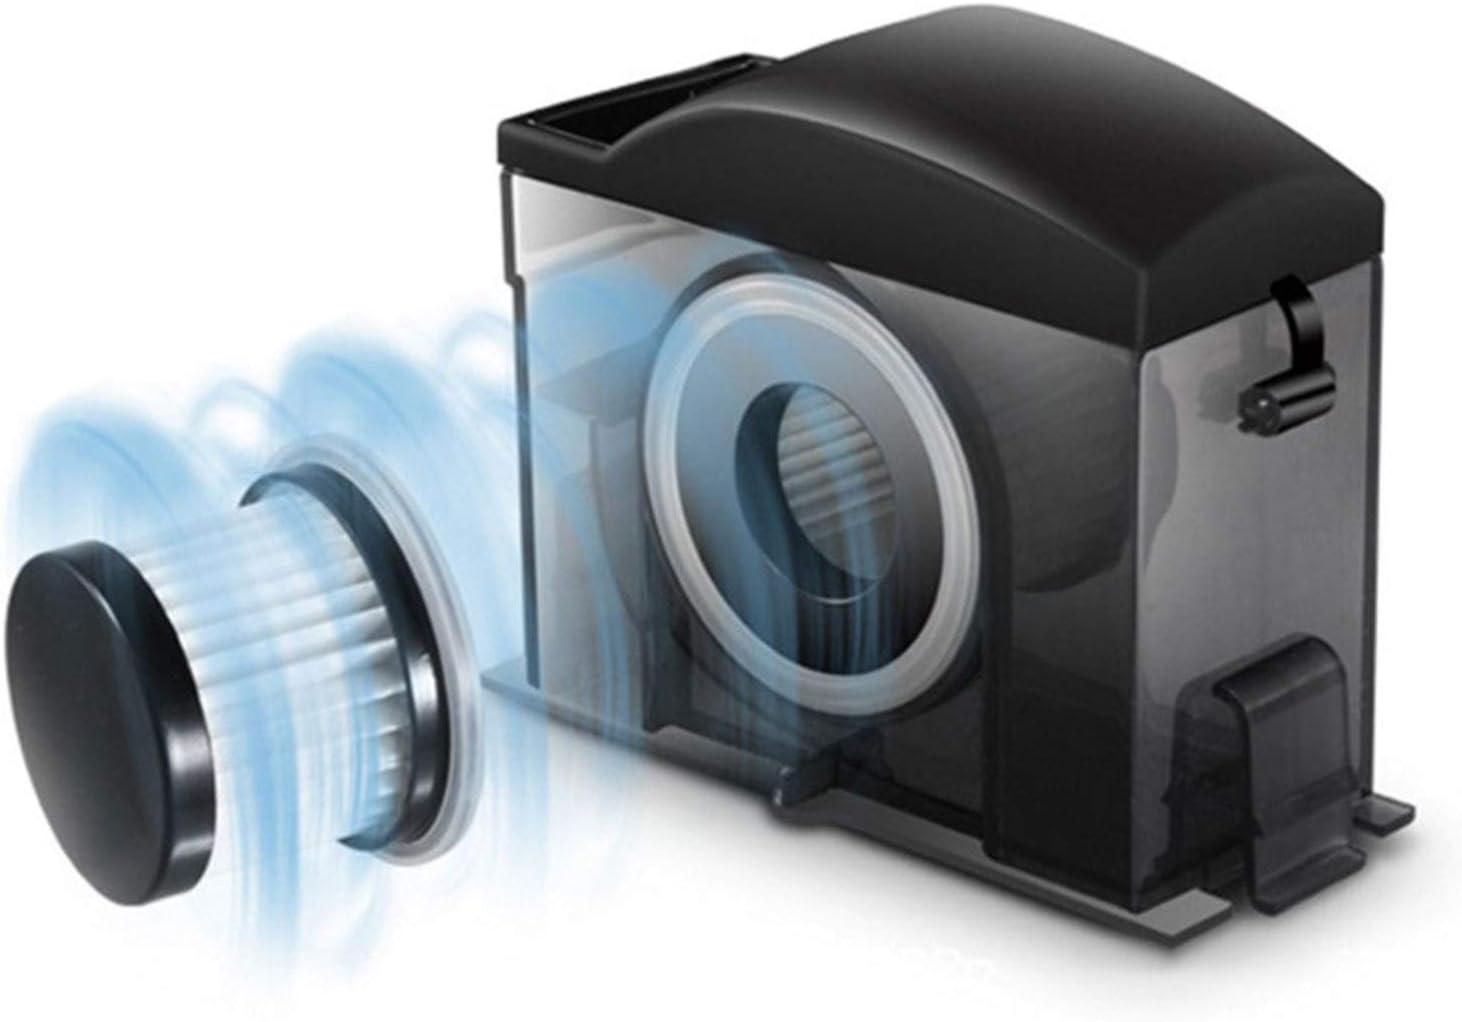 2x Vacuum Cleaner Parts Filters For Xiaomi Deerma CM300S CM400 CM500 CM800